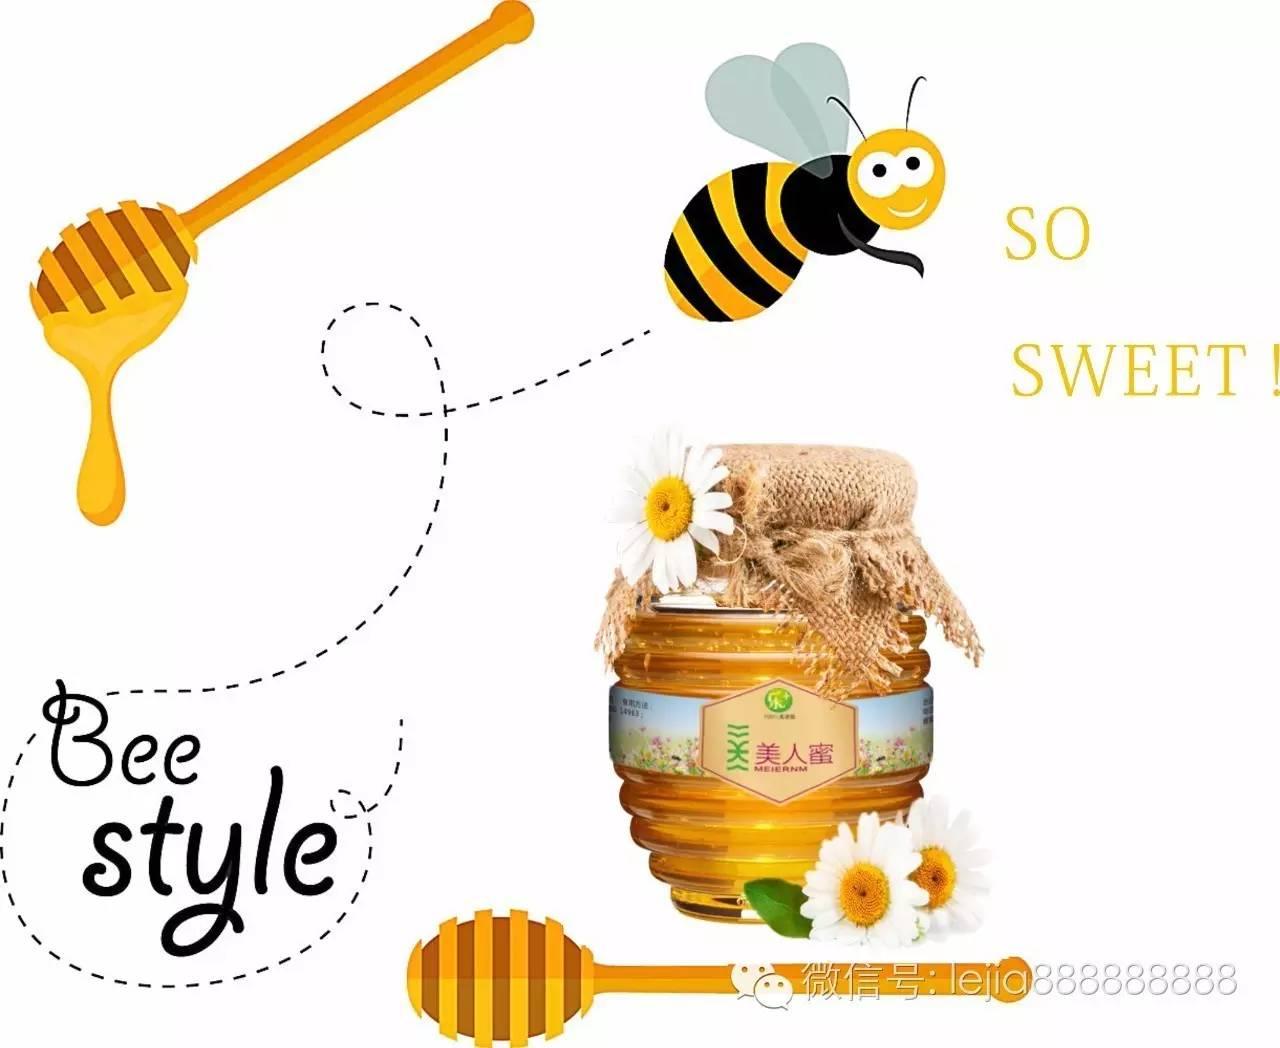 蜂蛹图片 怎样制作蜂蜜面膜 润肠通便 生姜蜂蜜水 怎样用蜂蜜做面膜